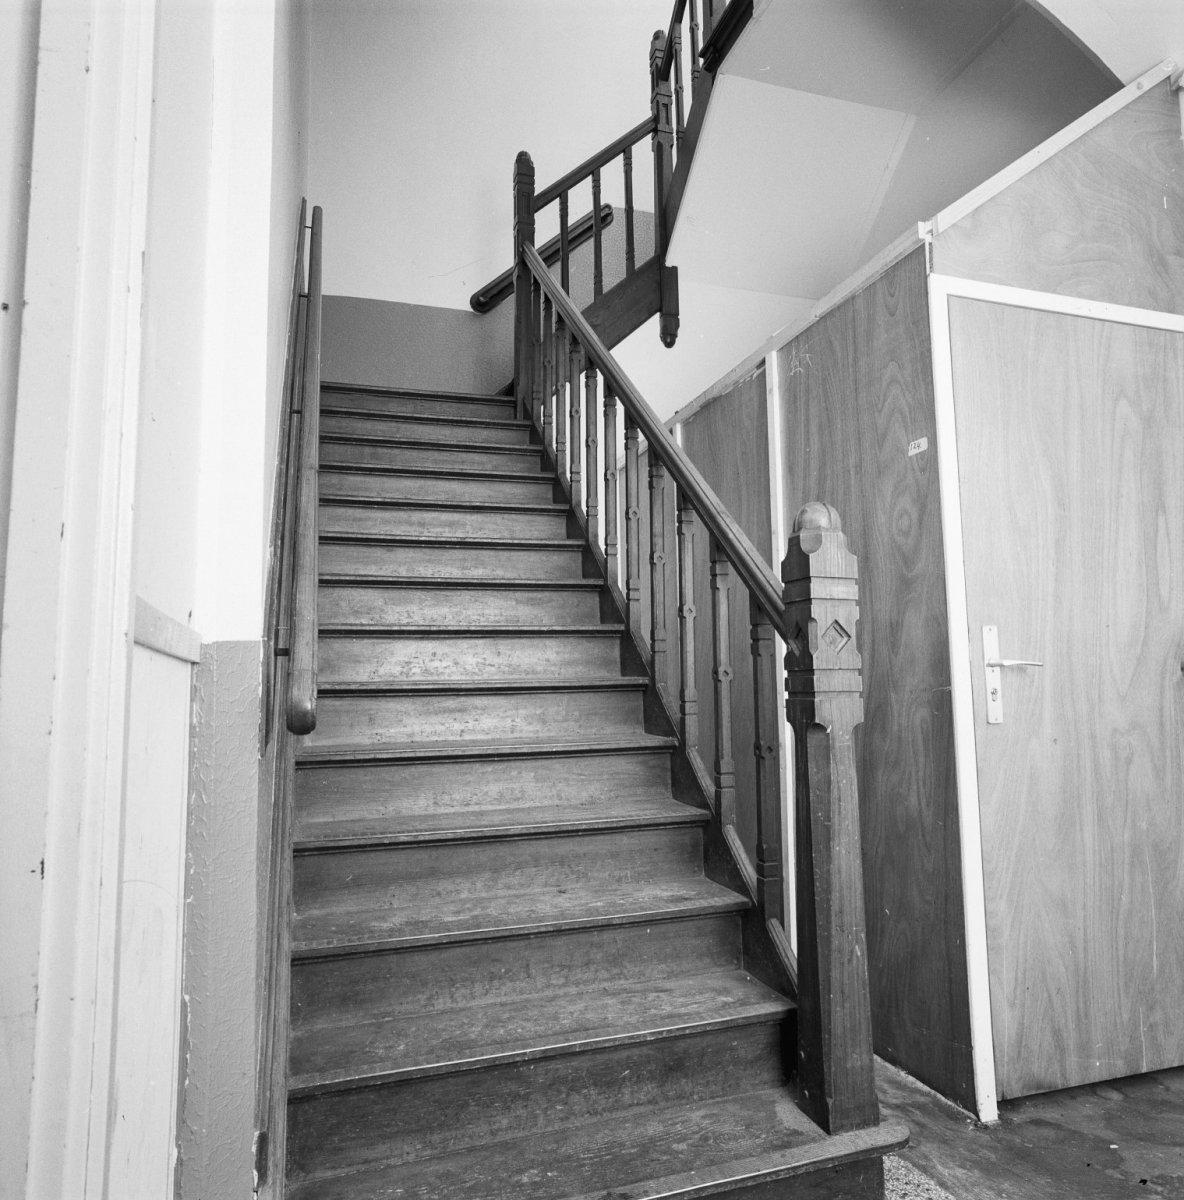 File:Interieur, linker vleugel, houten trap - 20000088 - RCE.jpg ...